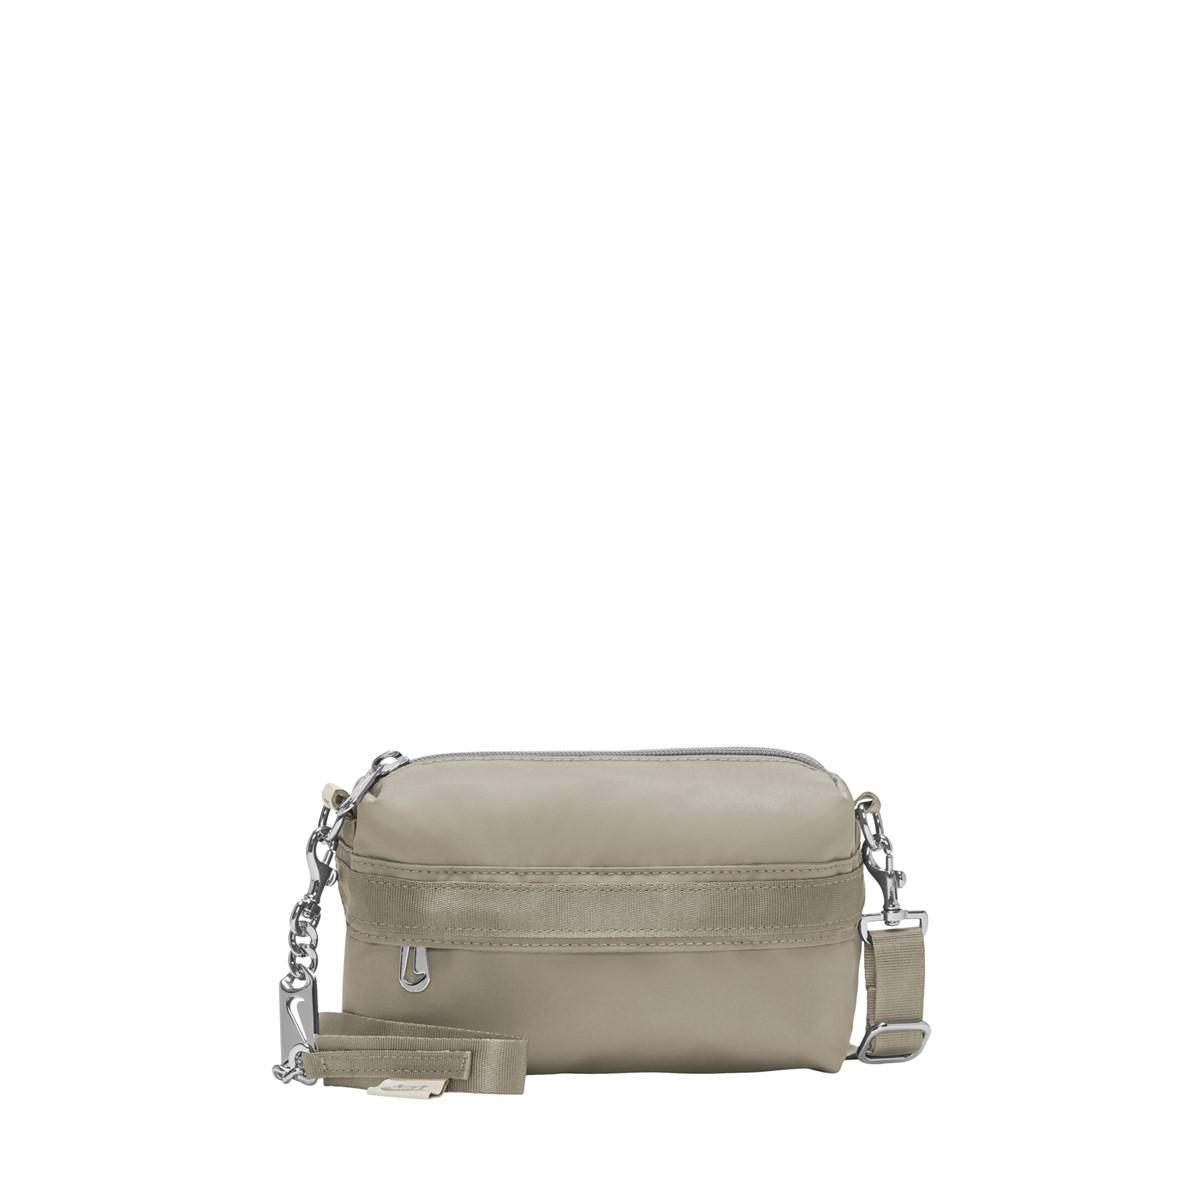 Sportswear Futura Luxe Crossbody Bag in Beige